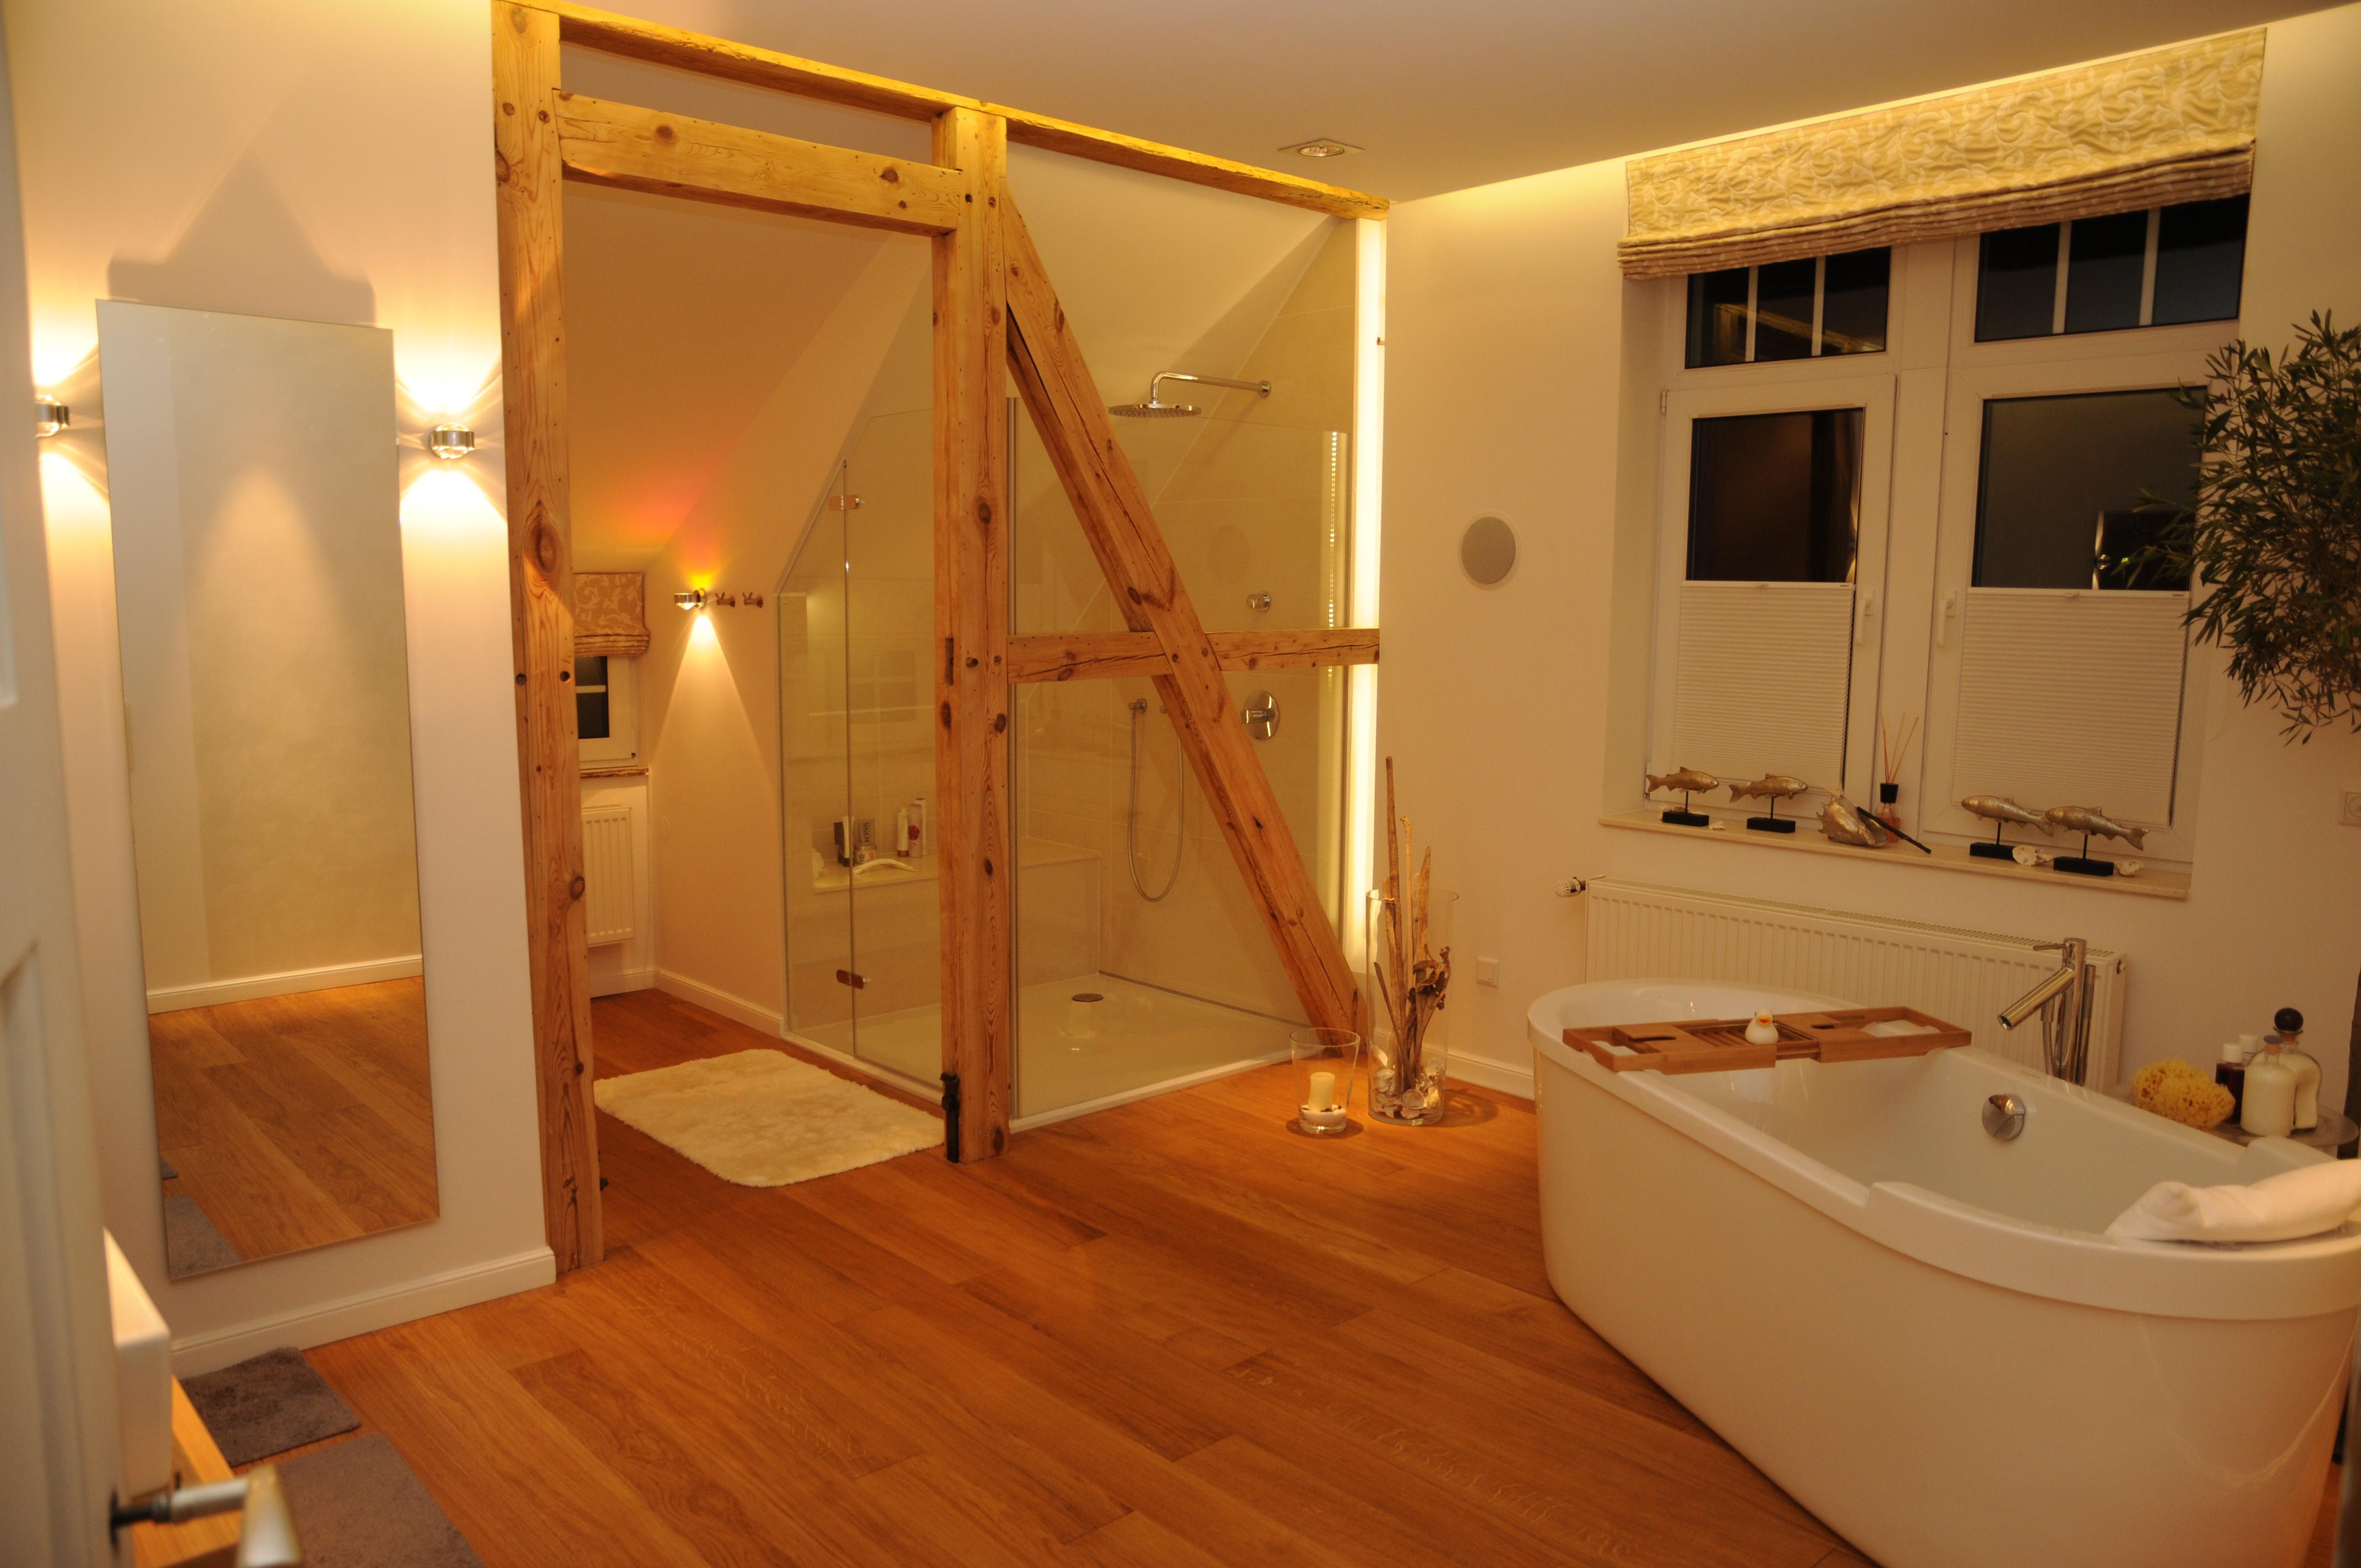 b der emb leuchten. Black Bedroom Furniture Sets. Home Design Ideas